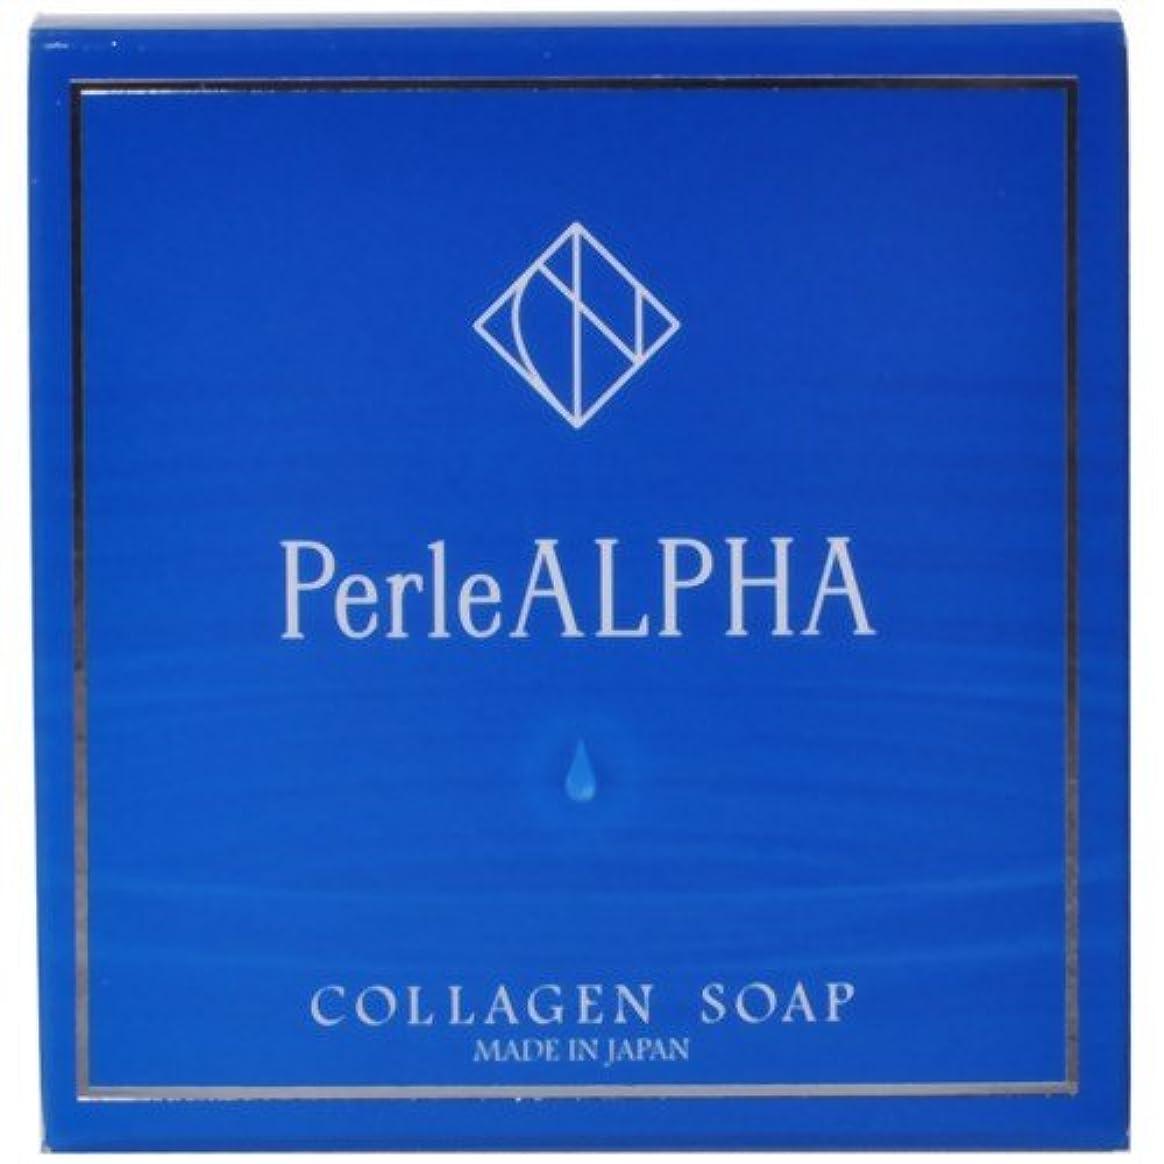 モーターバルセロナ不道徳PerleALPHA(ペルルアルファ) コラーゲンソープ 100g